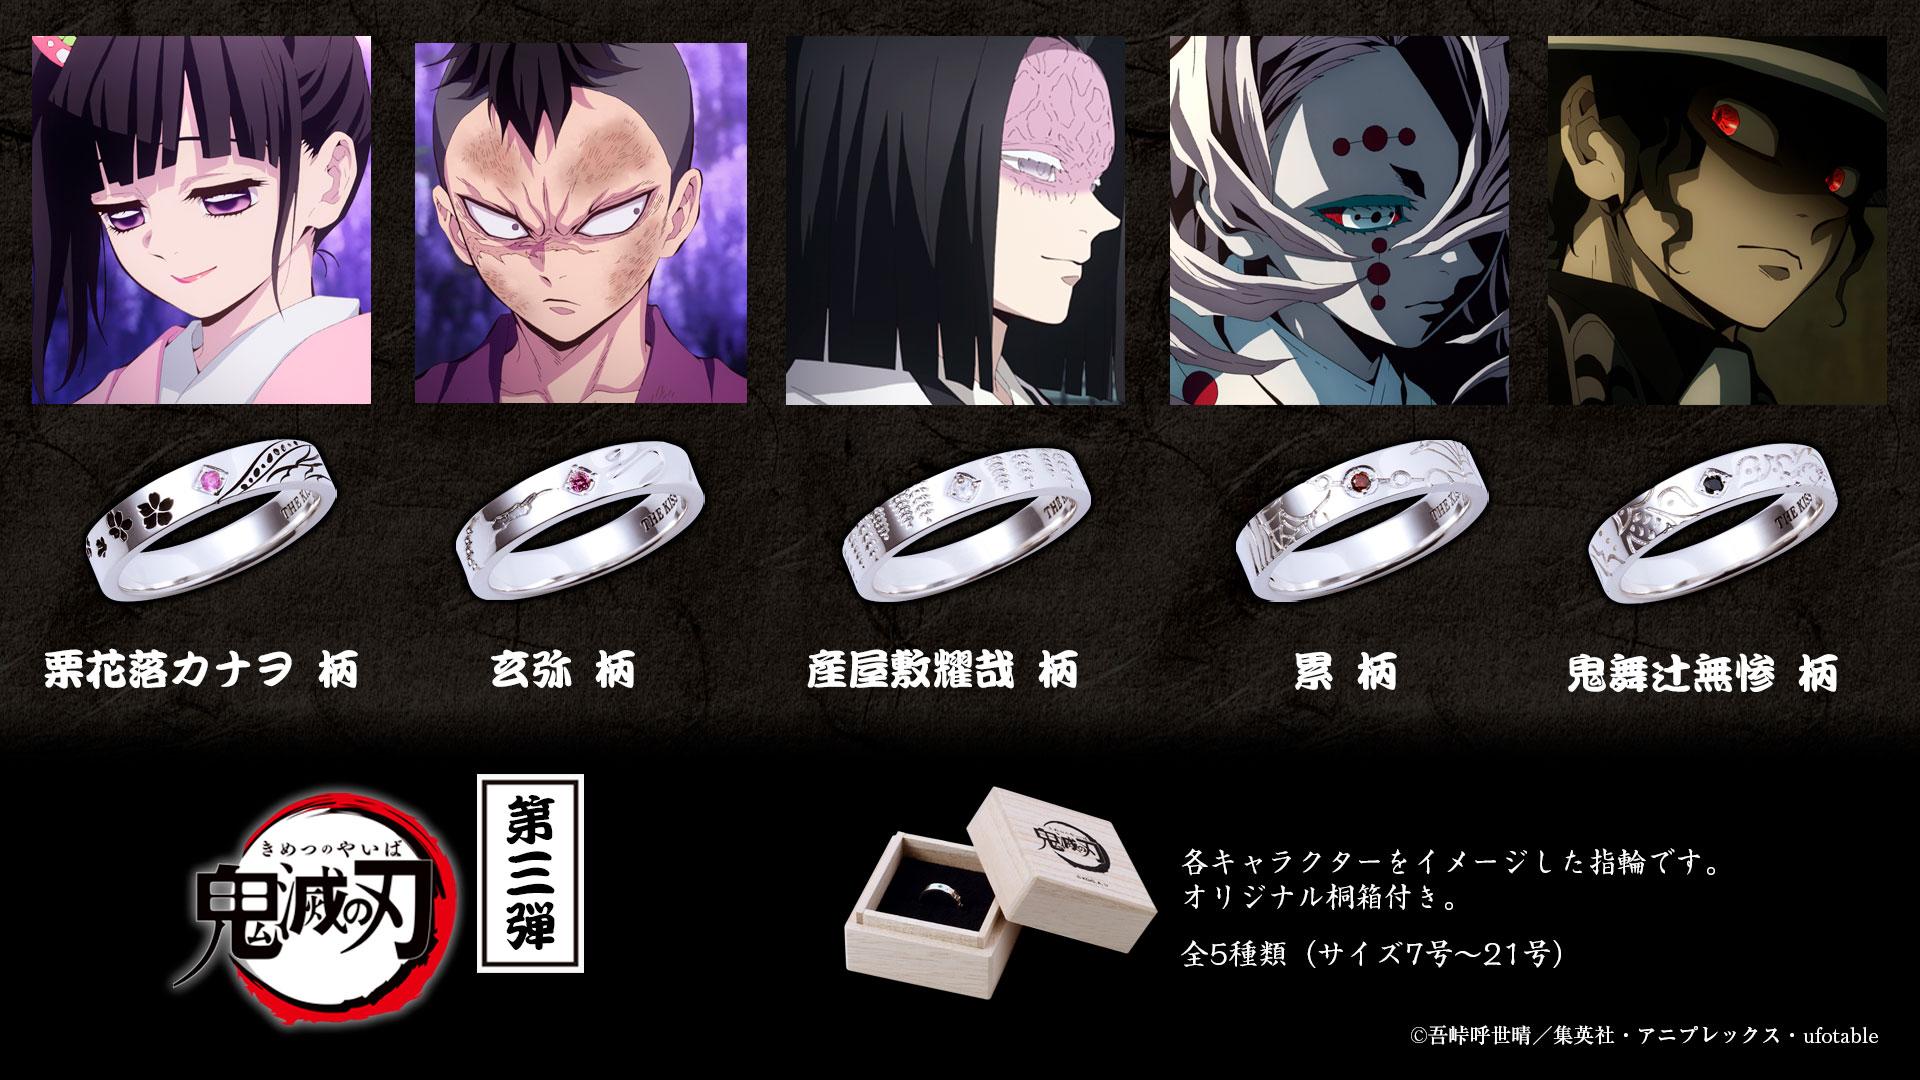 画像は、各キャラクターをイメージした5種のリング